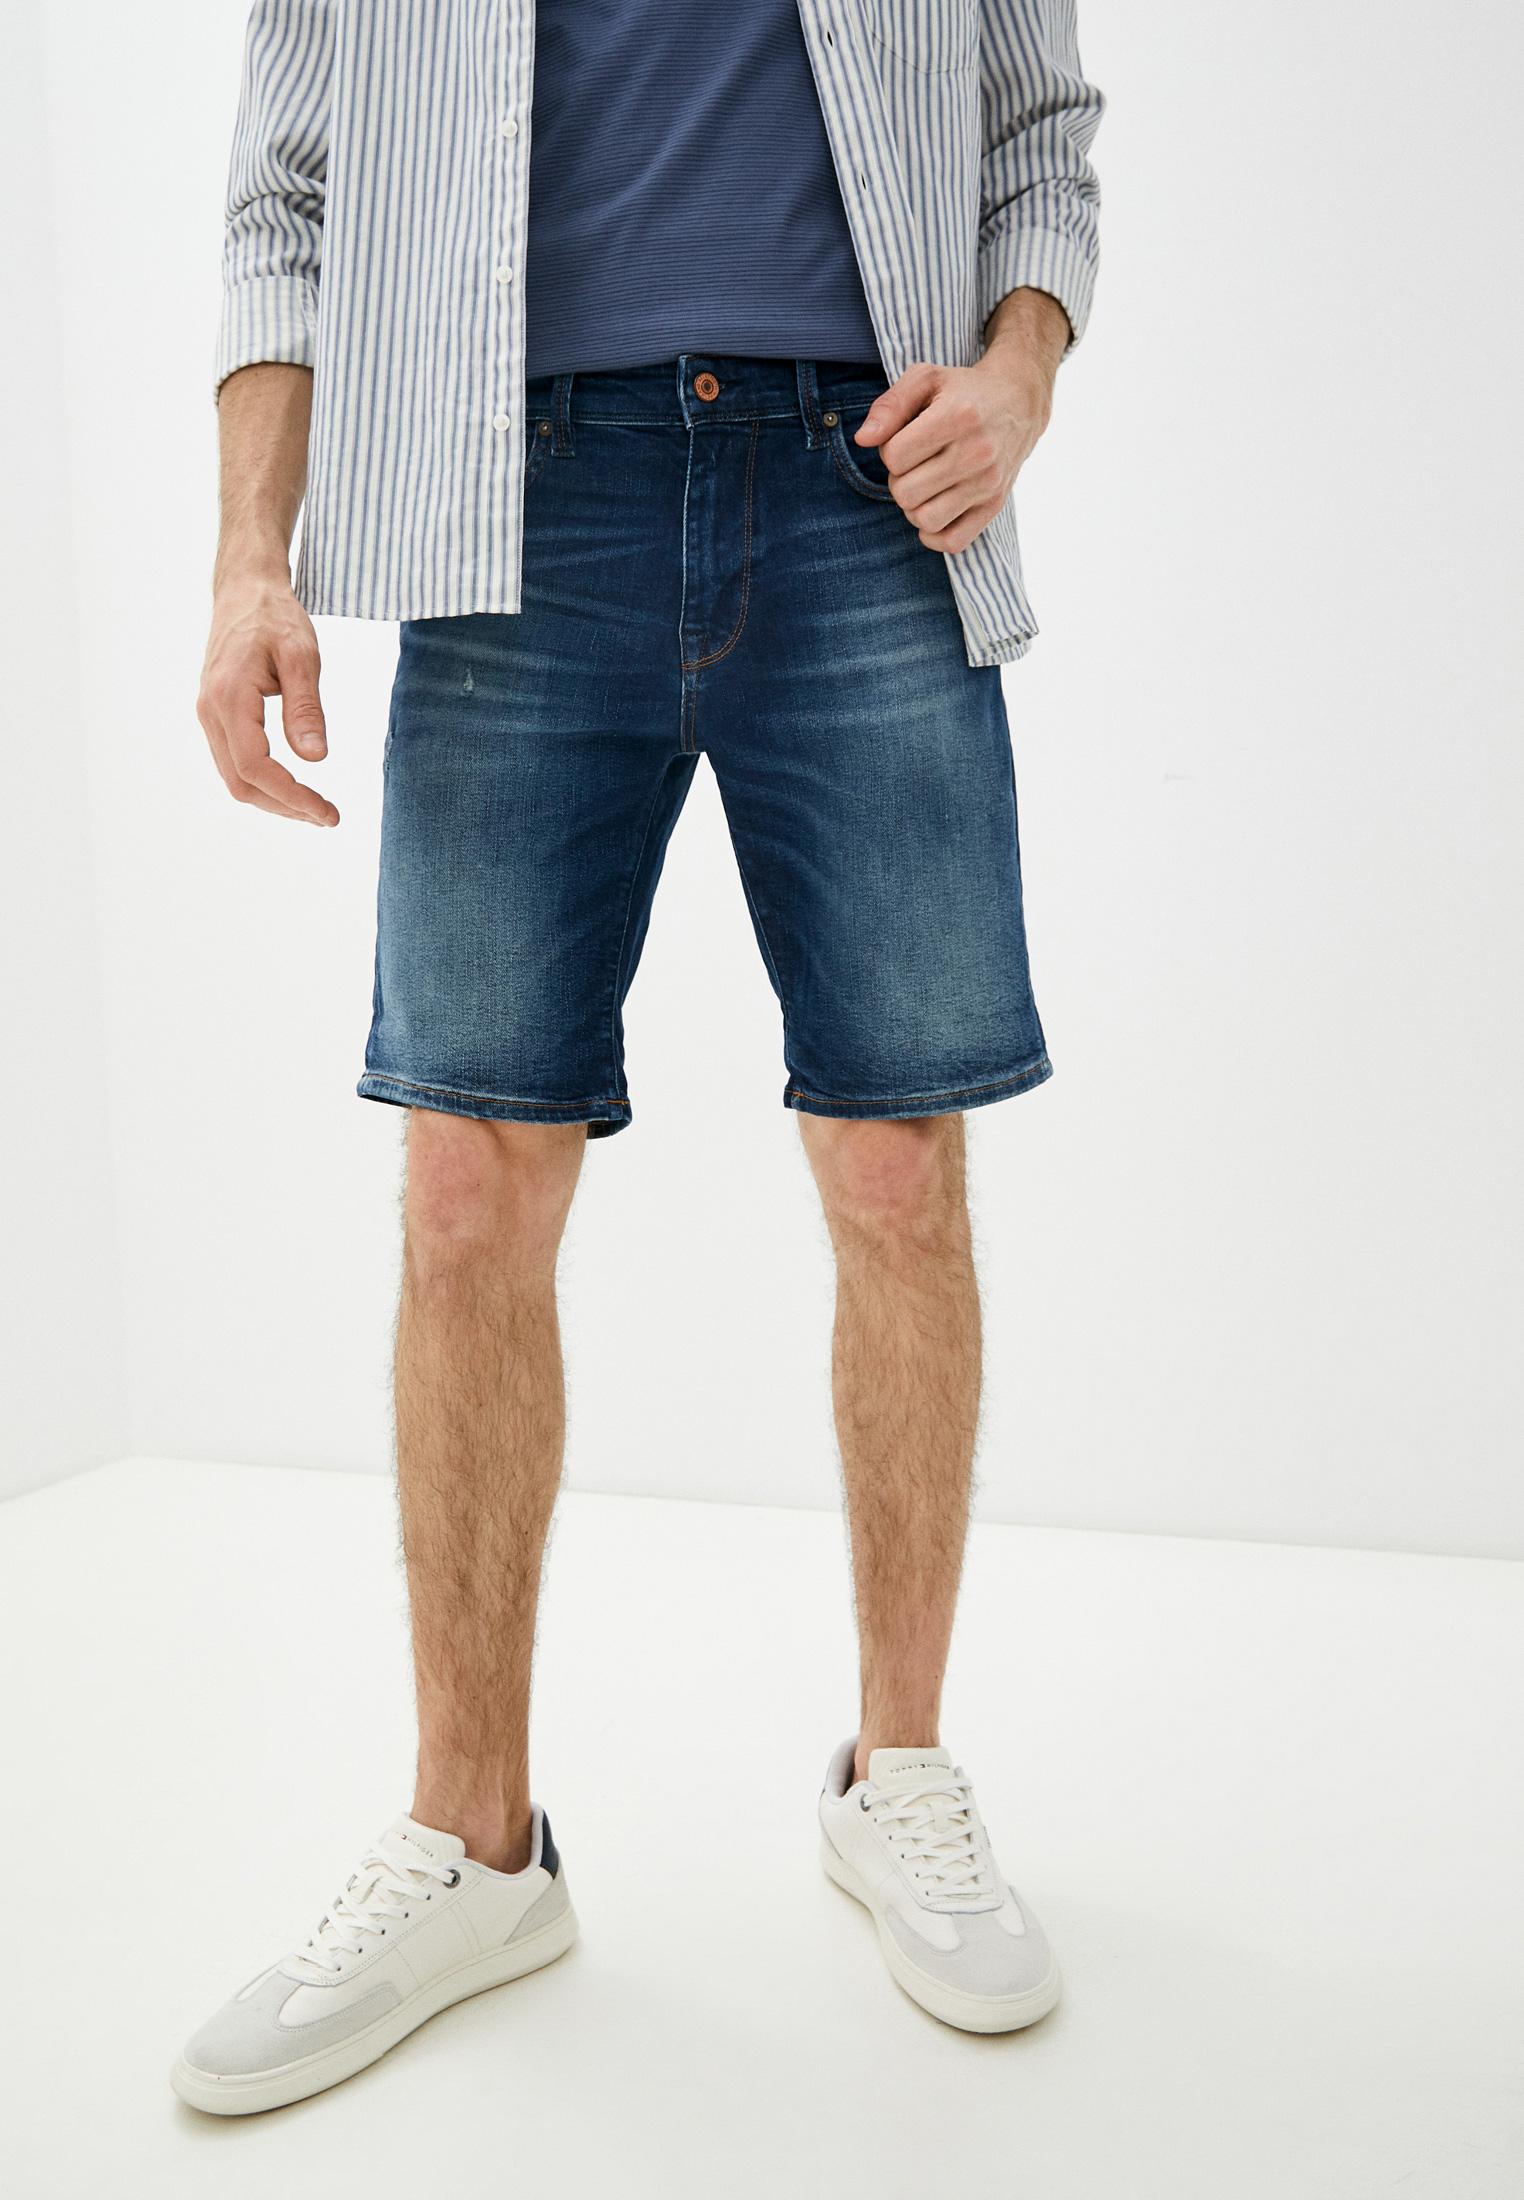 Мужские джинсовые шорты Selected Homme Шорты джинсовые Selected Homme